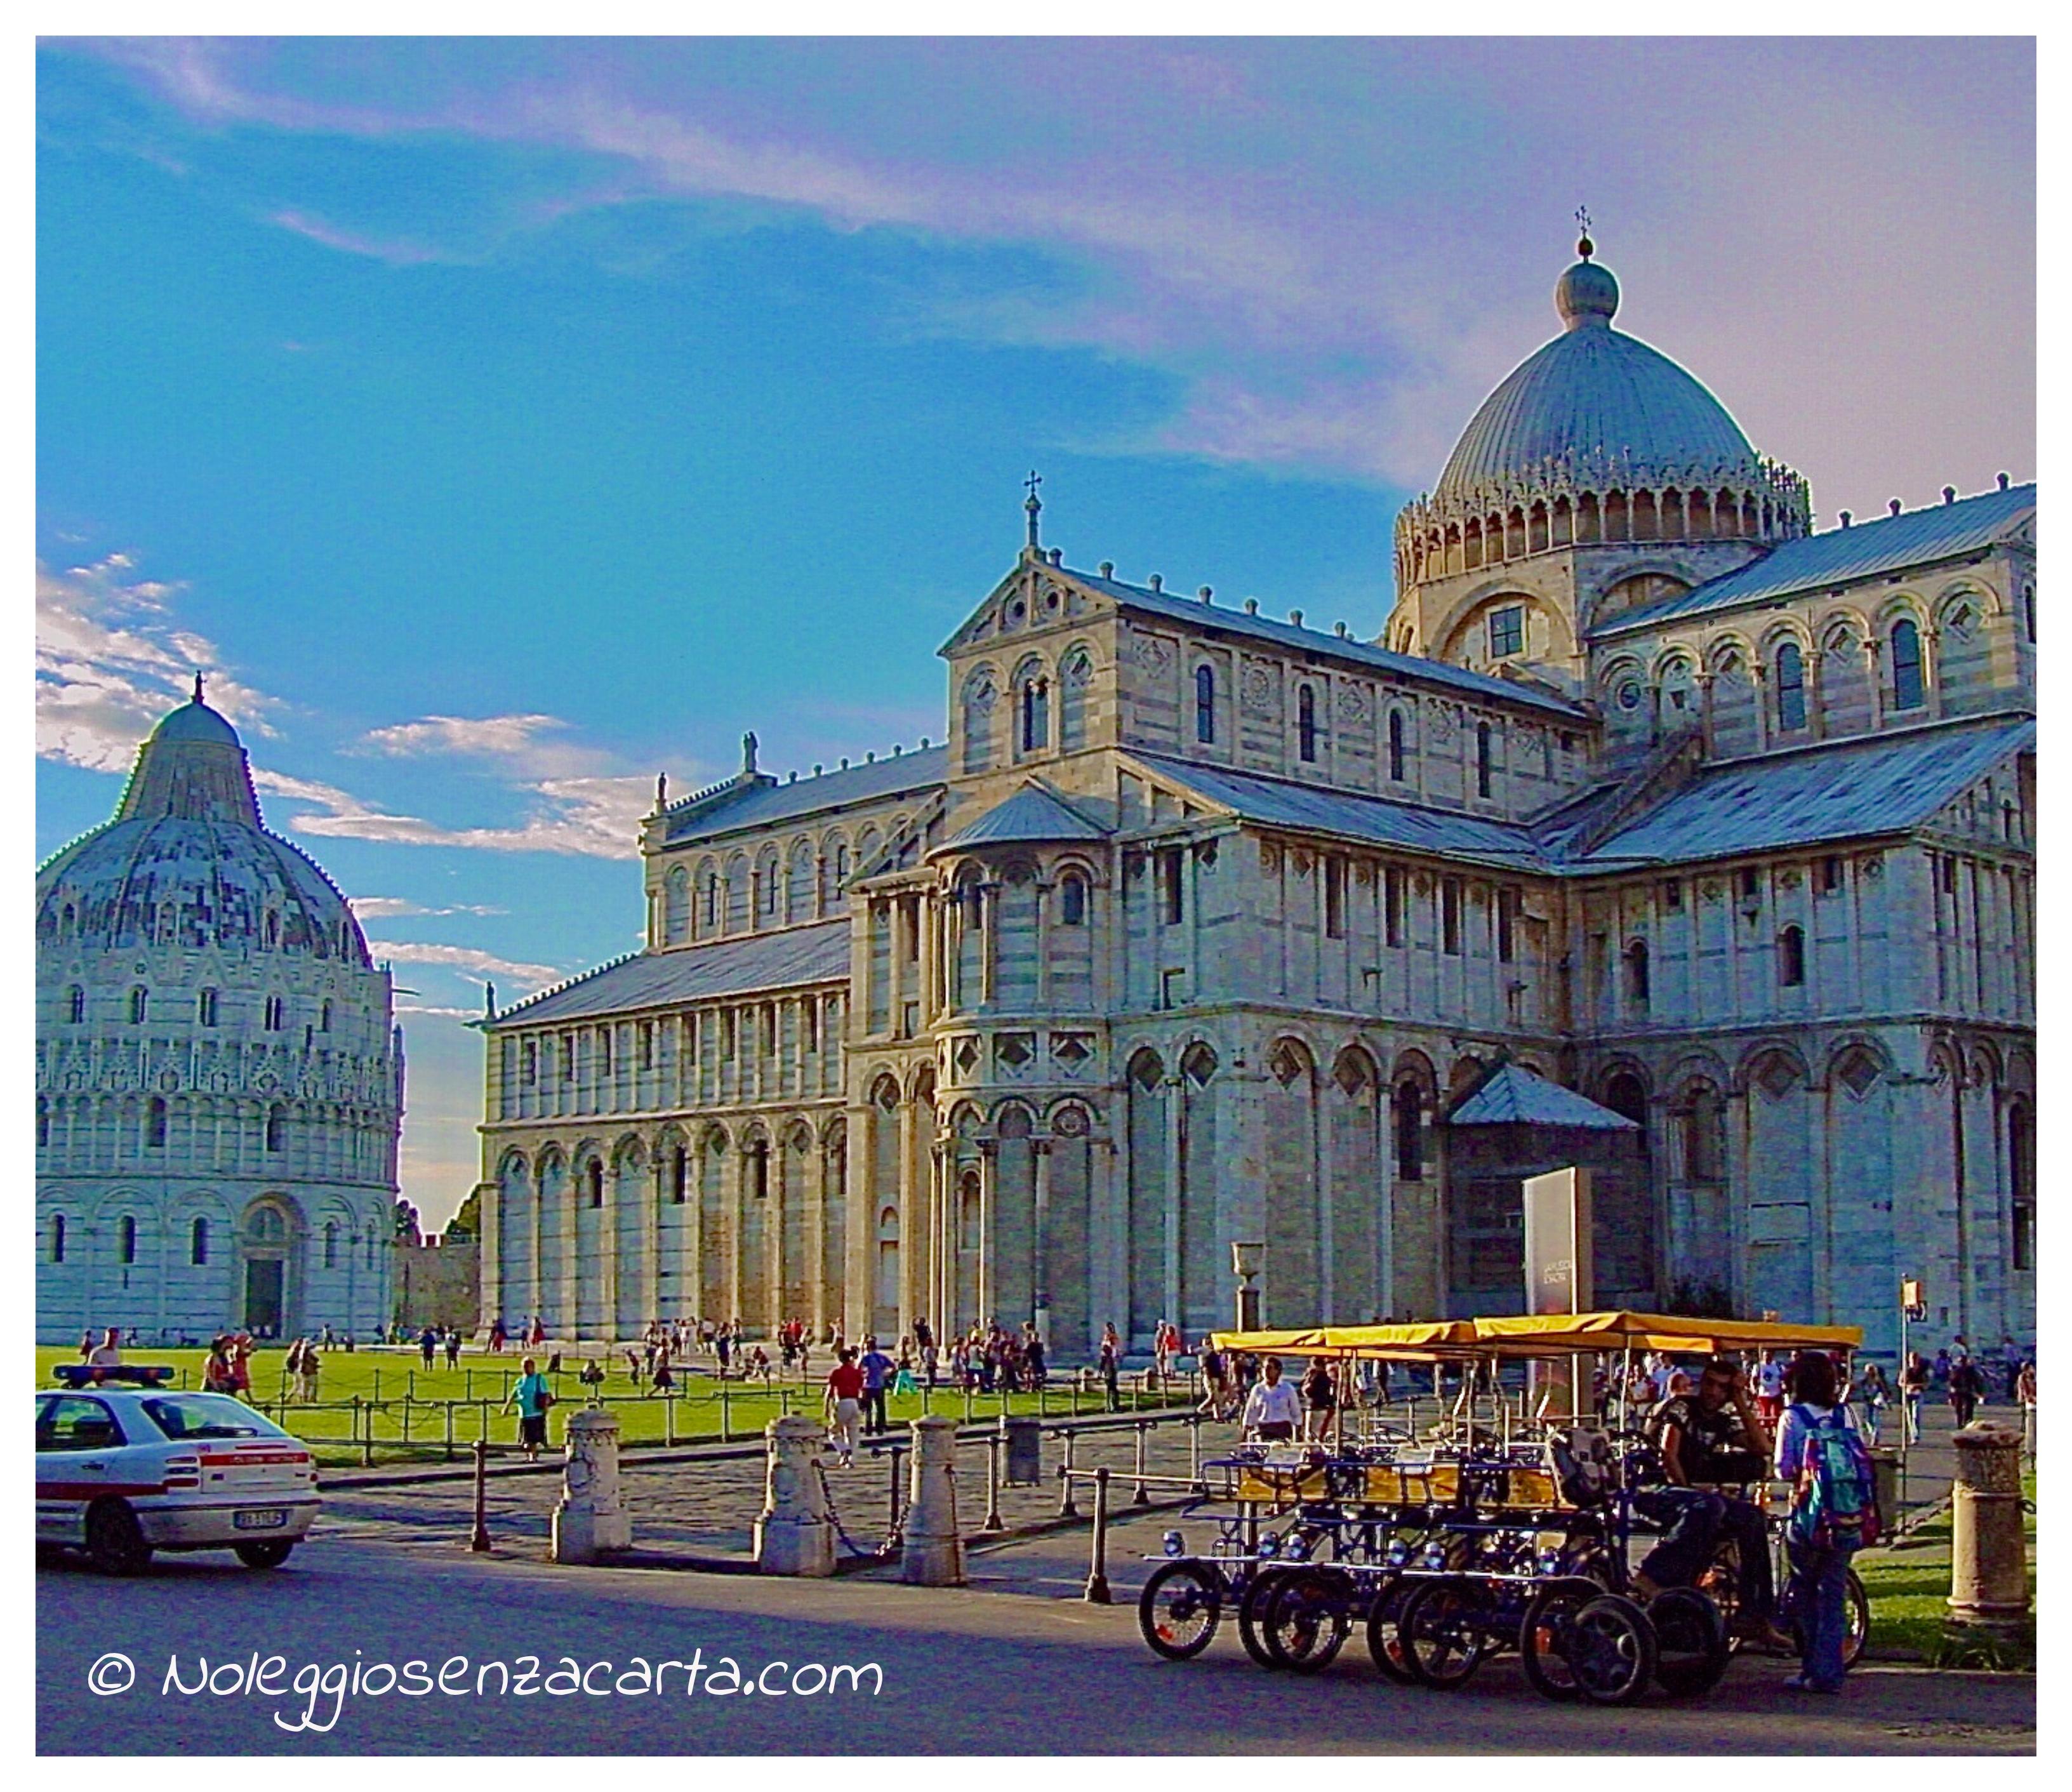 Noleggiare auto senza carta di credito a Pisa